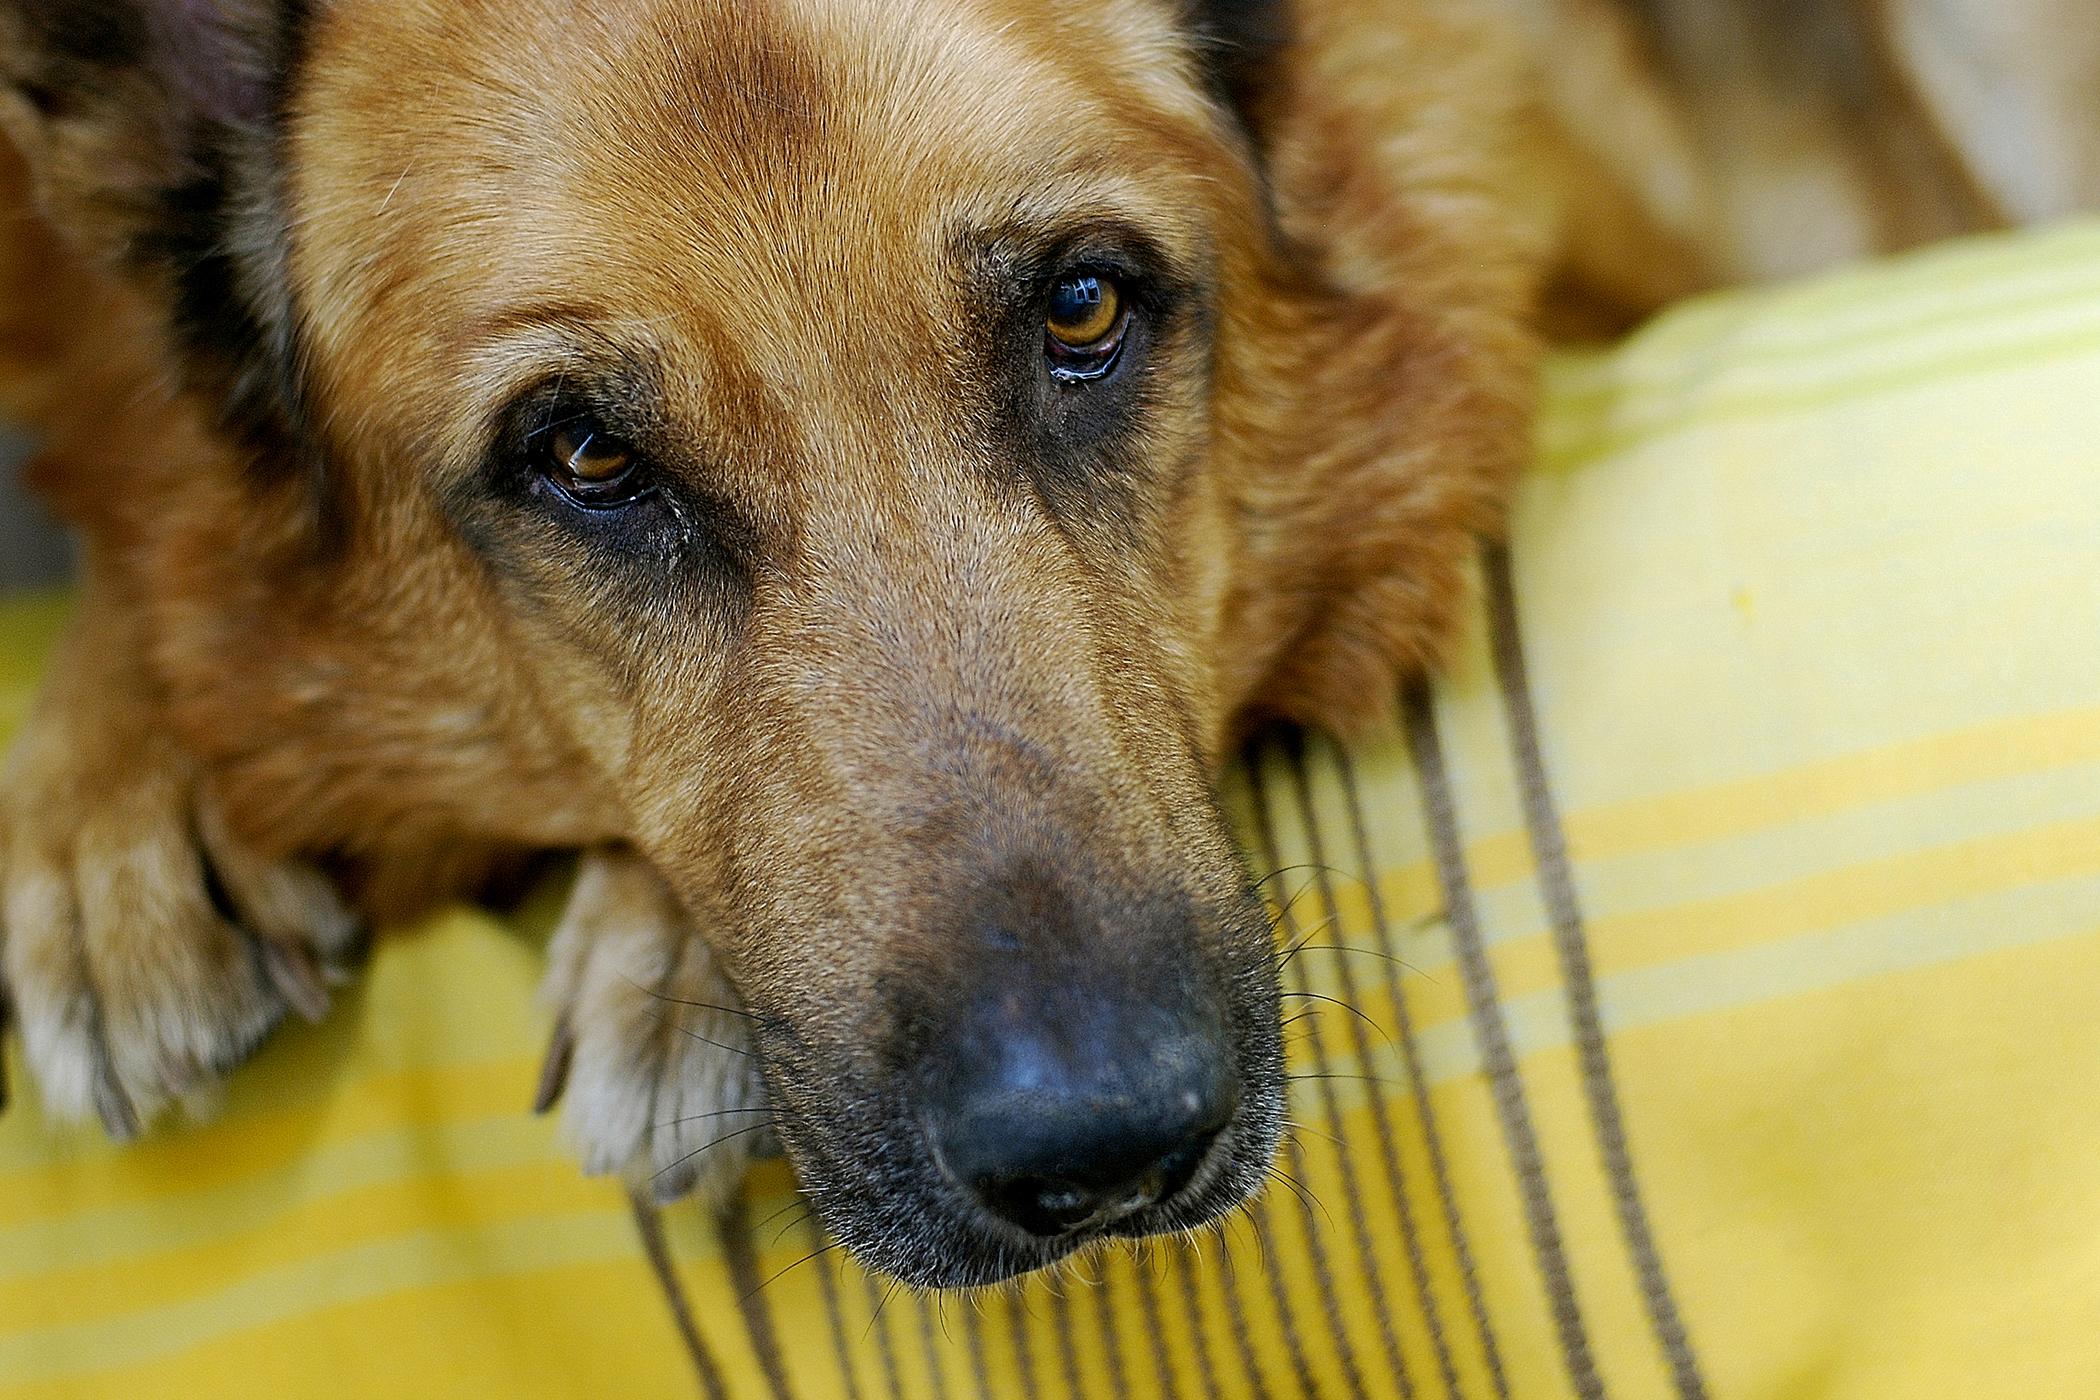 Ectopic Ureter Repair in Dogs